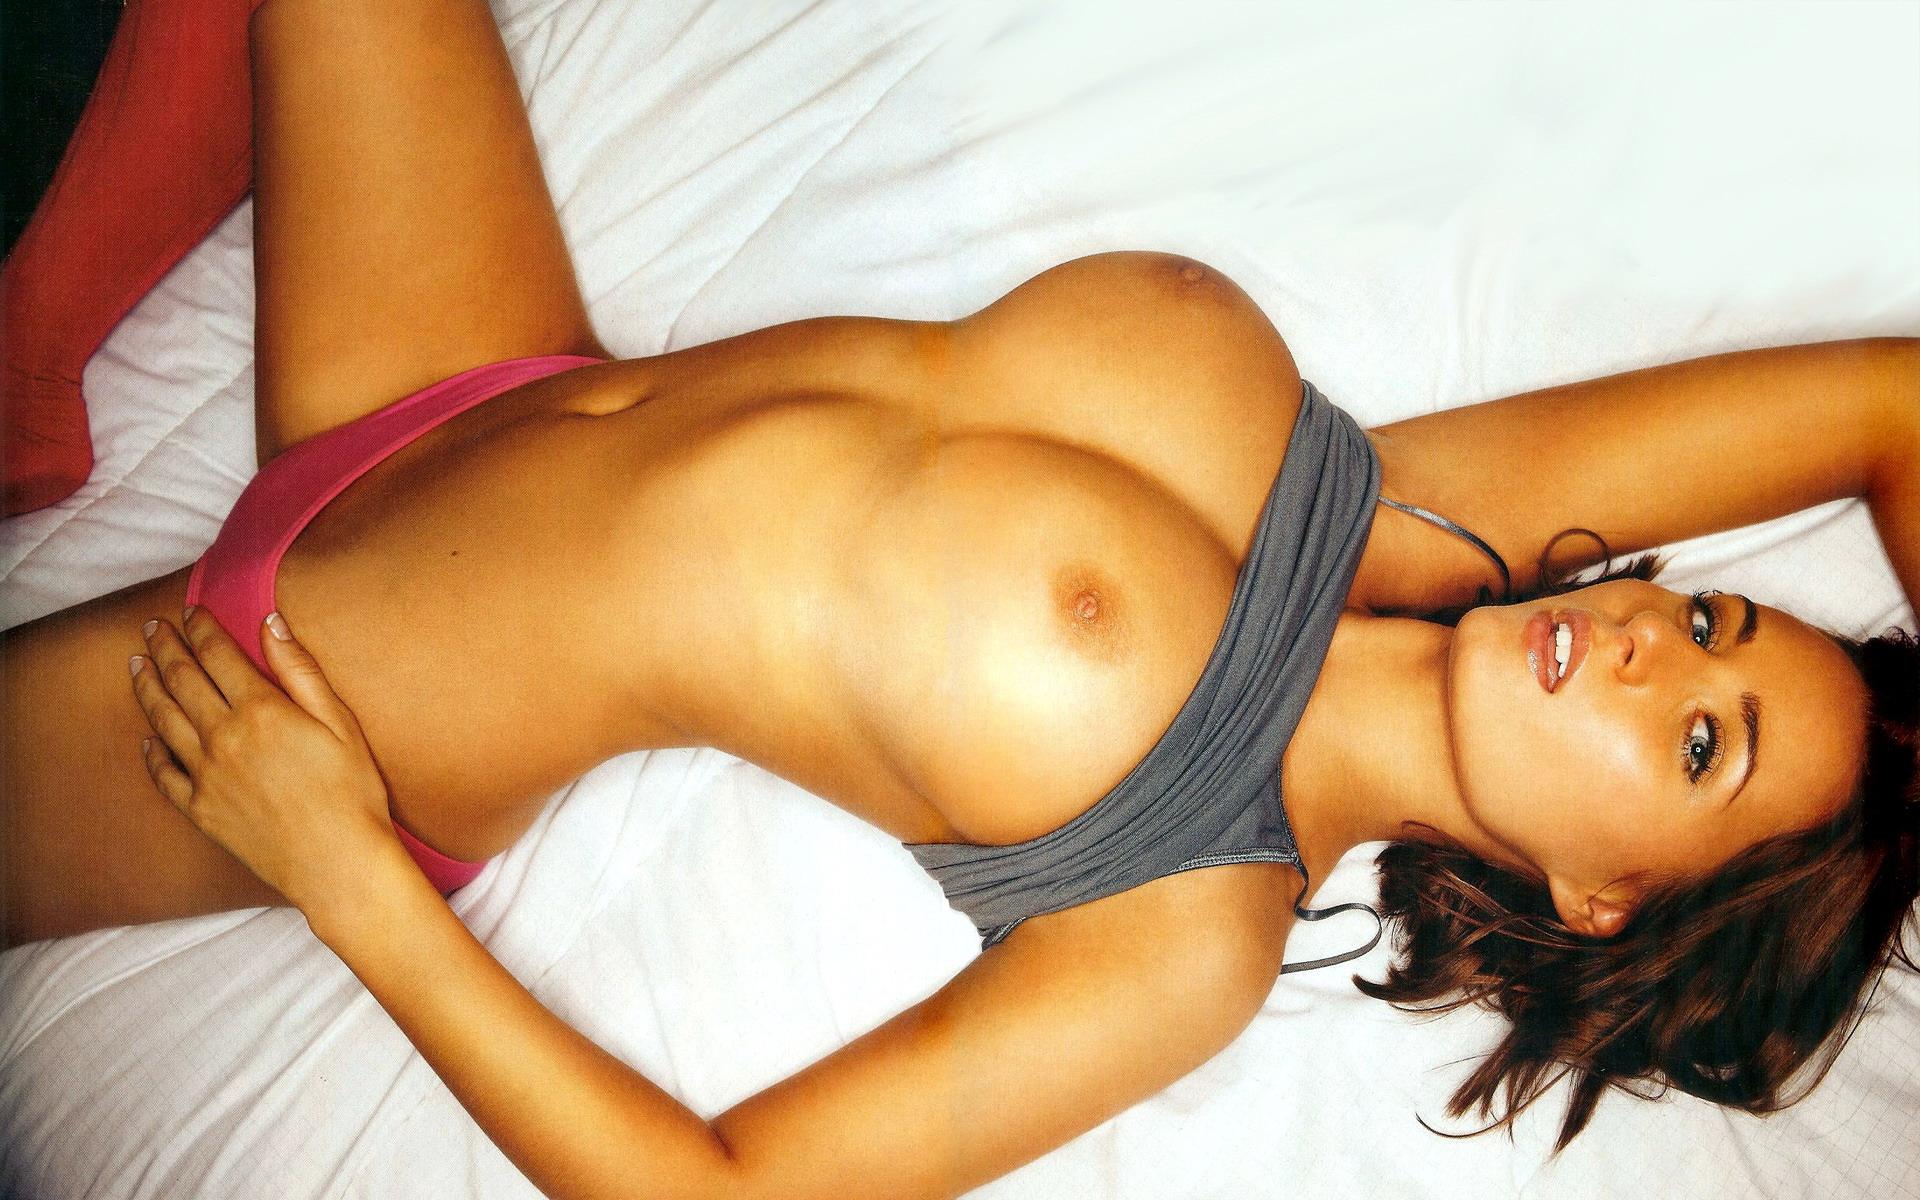 Секс с очаровательной брюнеткой фото наютюбе 9 фотография